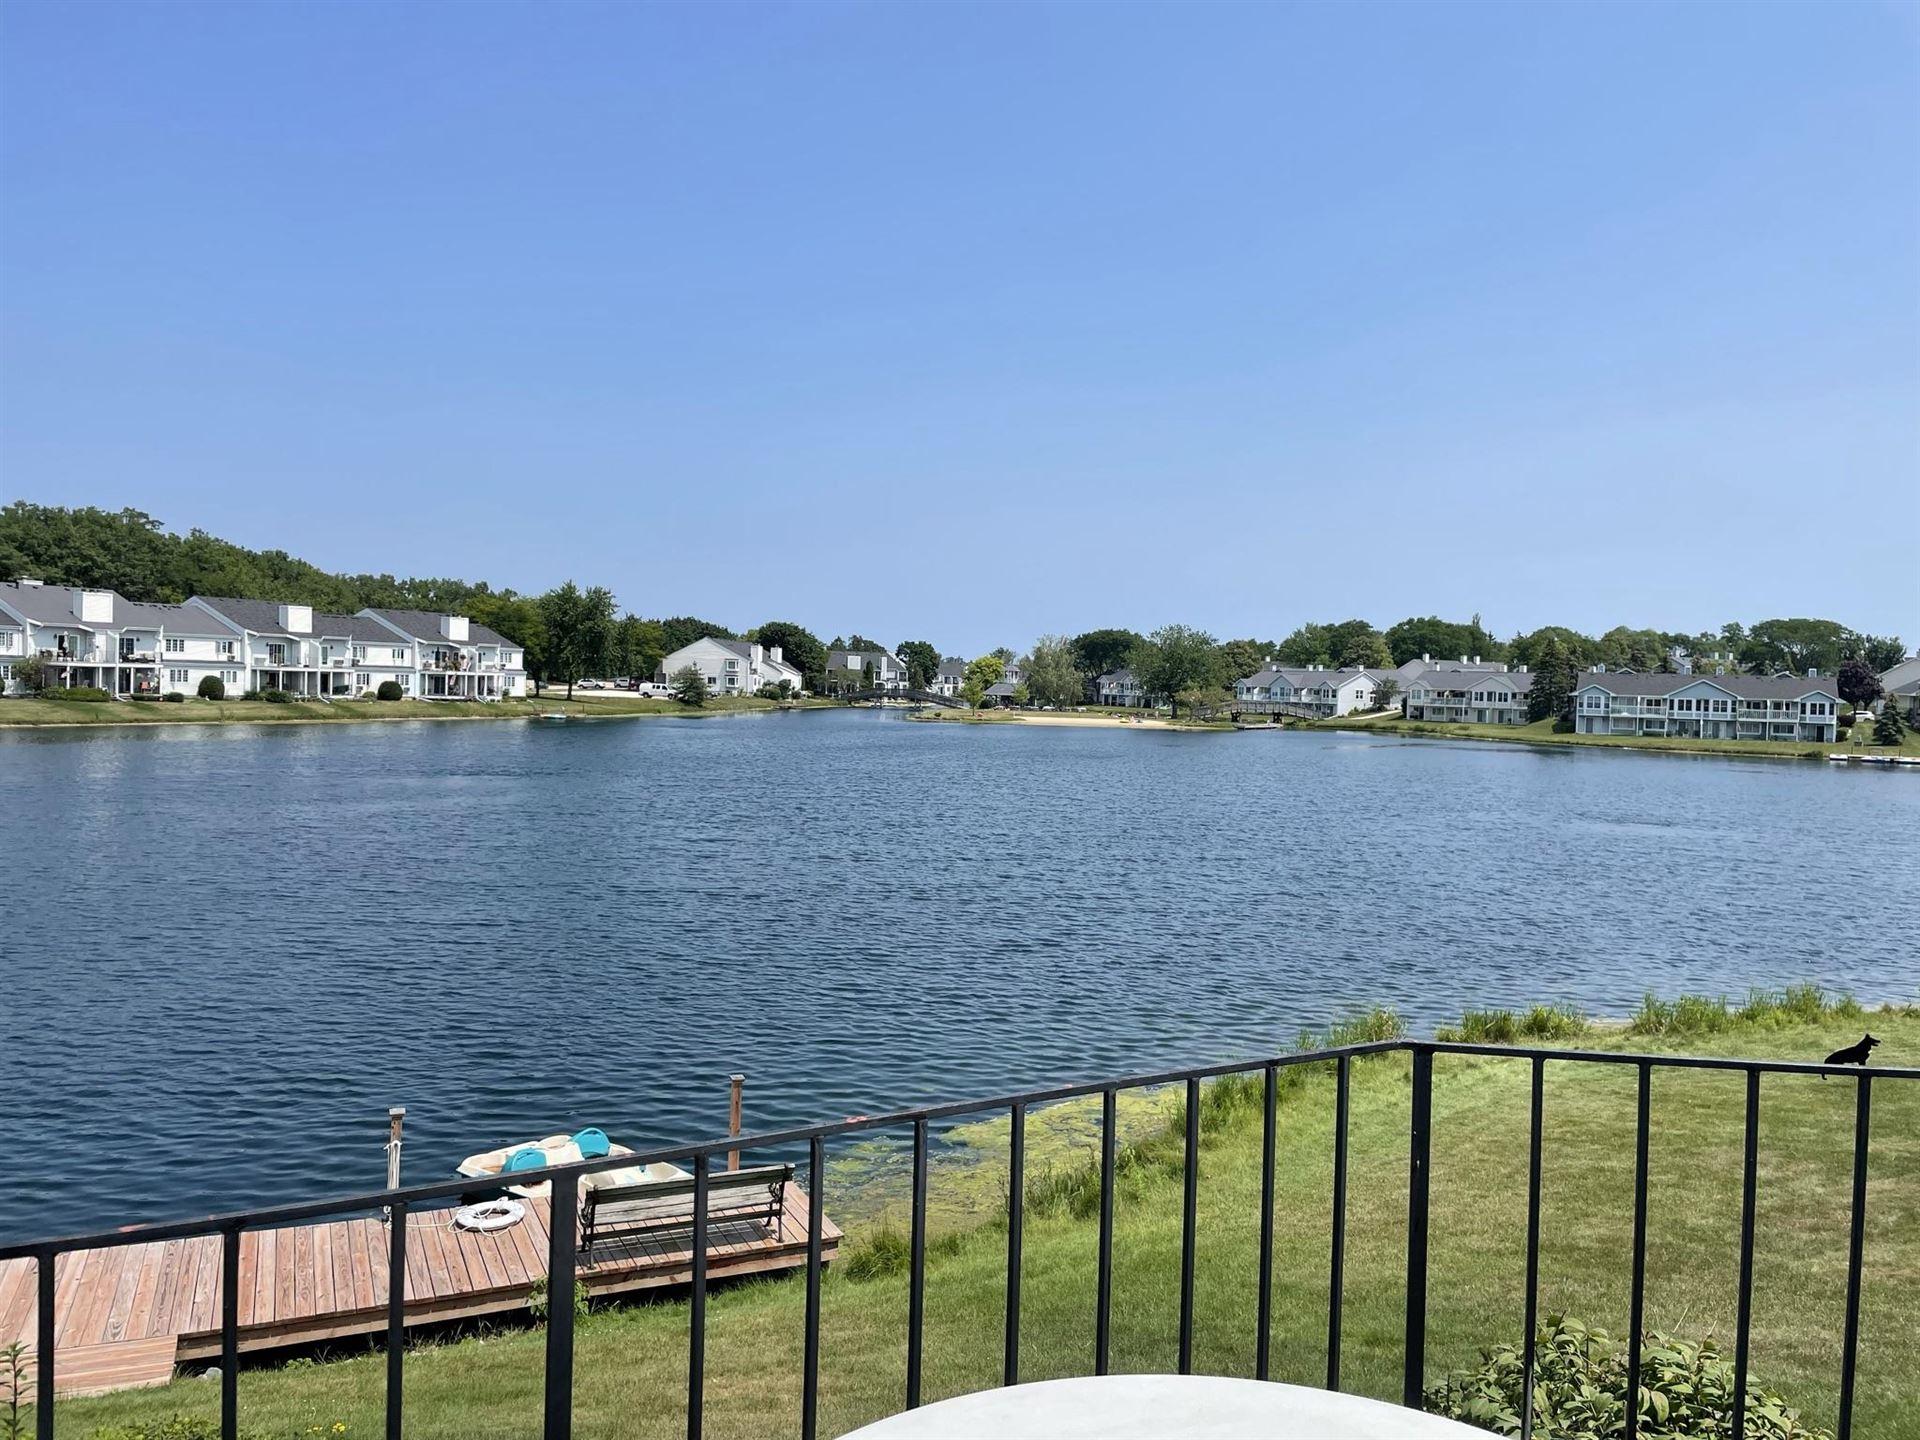 8446 S Tuckaway Shores Dr, Franklin, WI 53132 - MLS#: 1753035